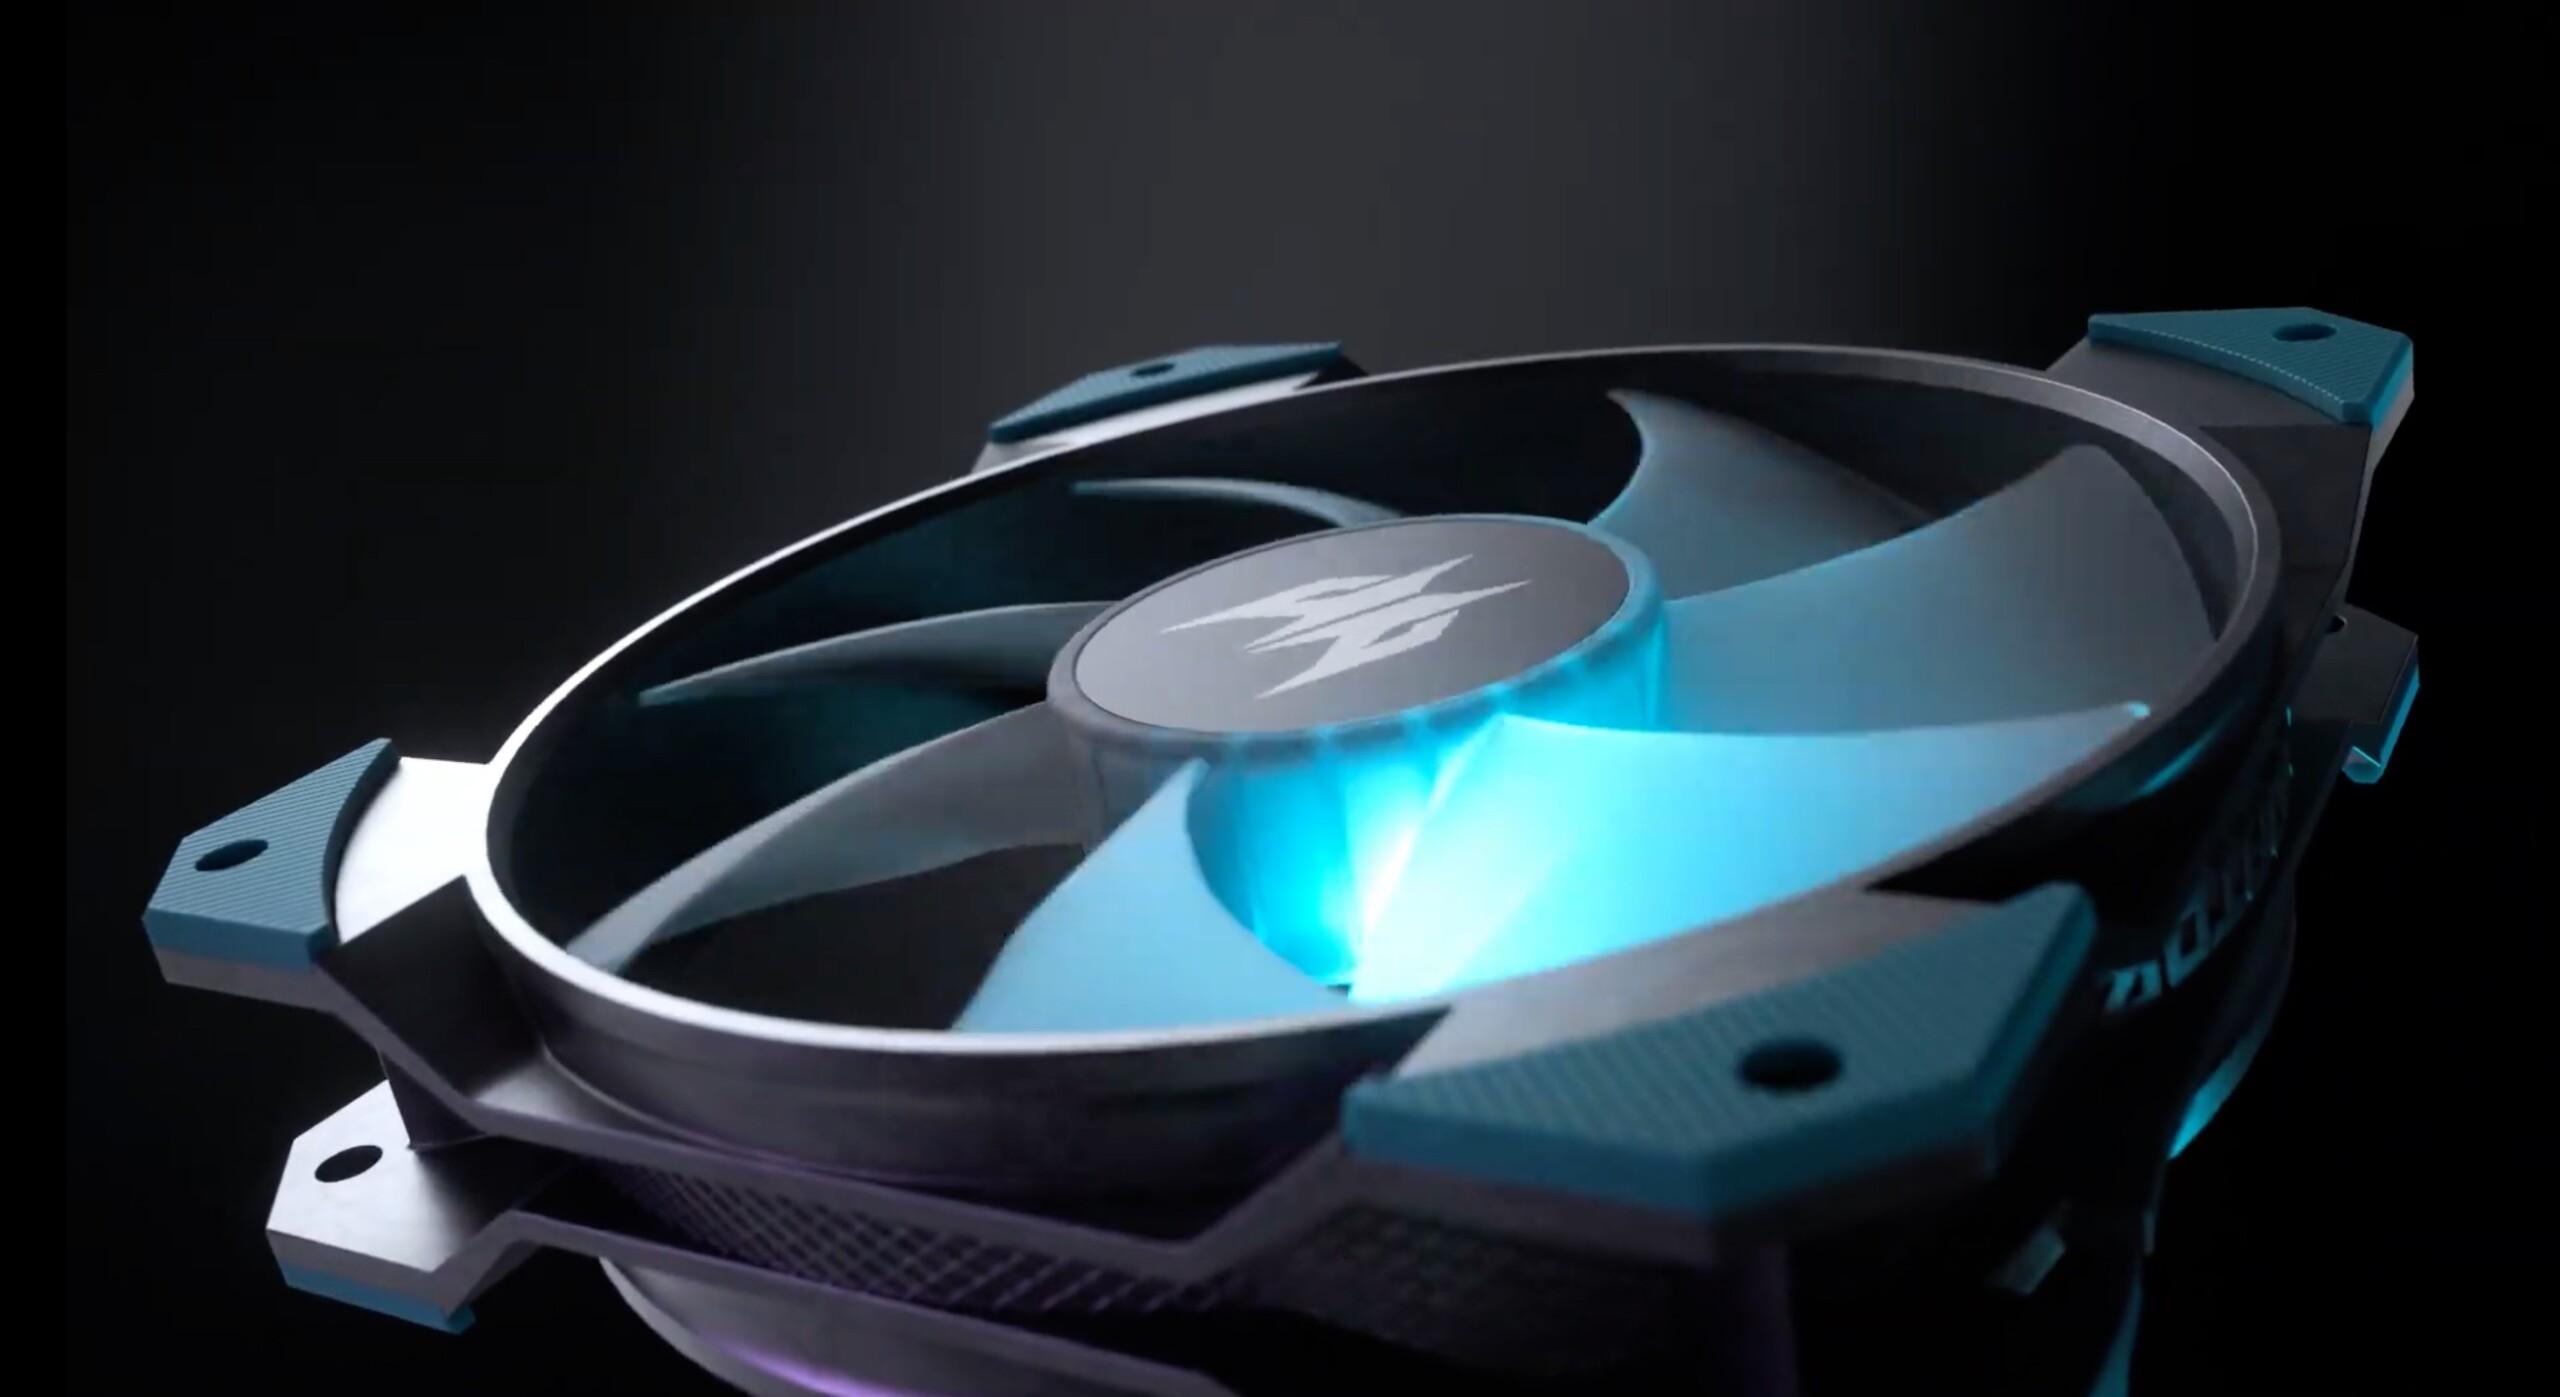 Acer se diversifie en lançant son premier ventilateur PC, baptisé Predator FrostBlade